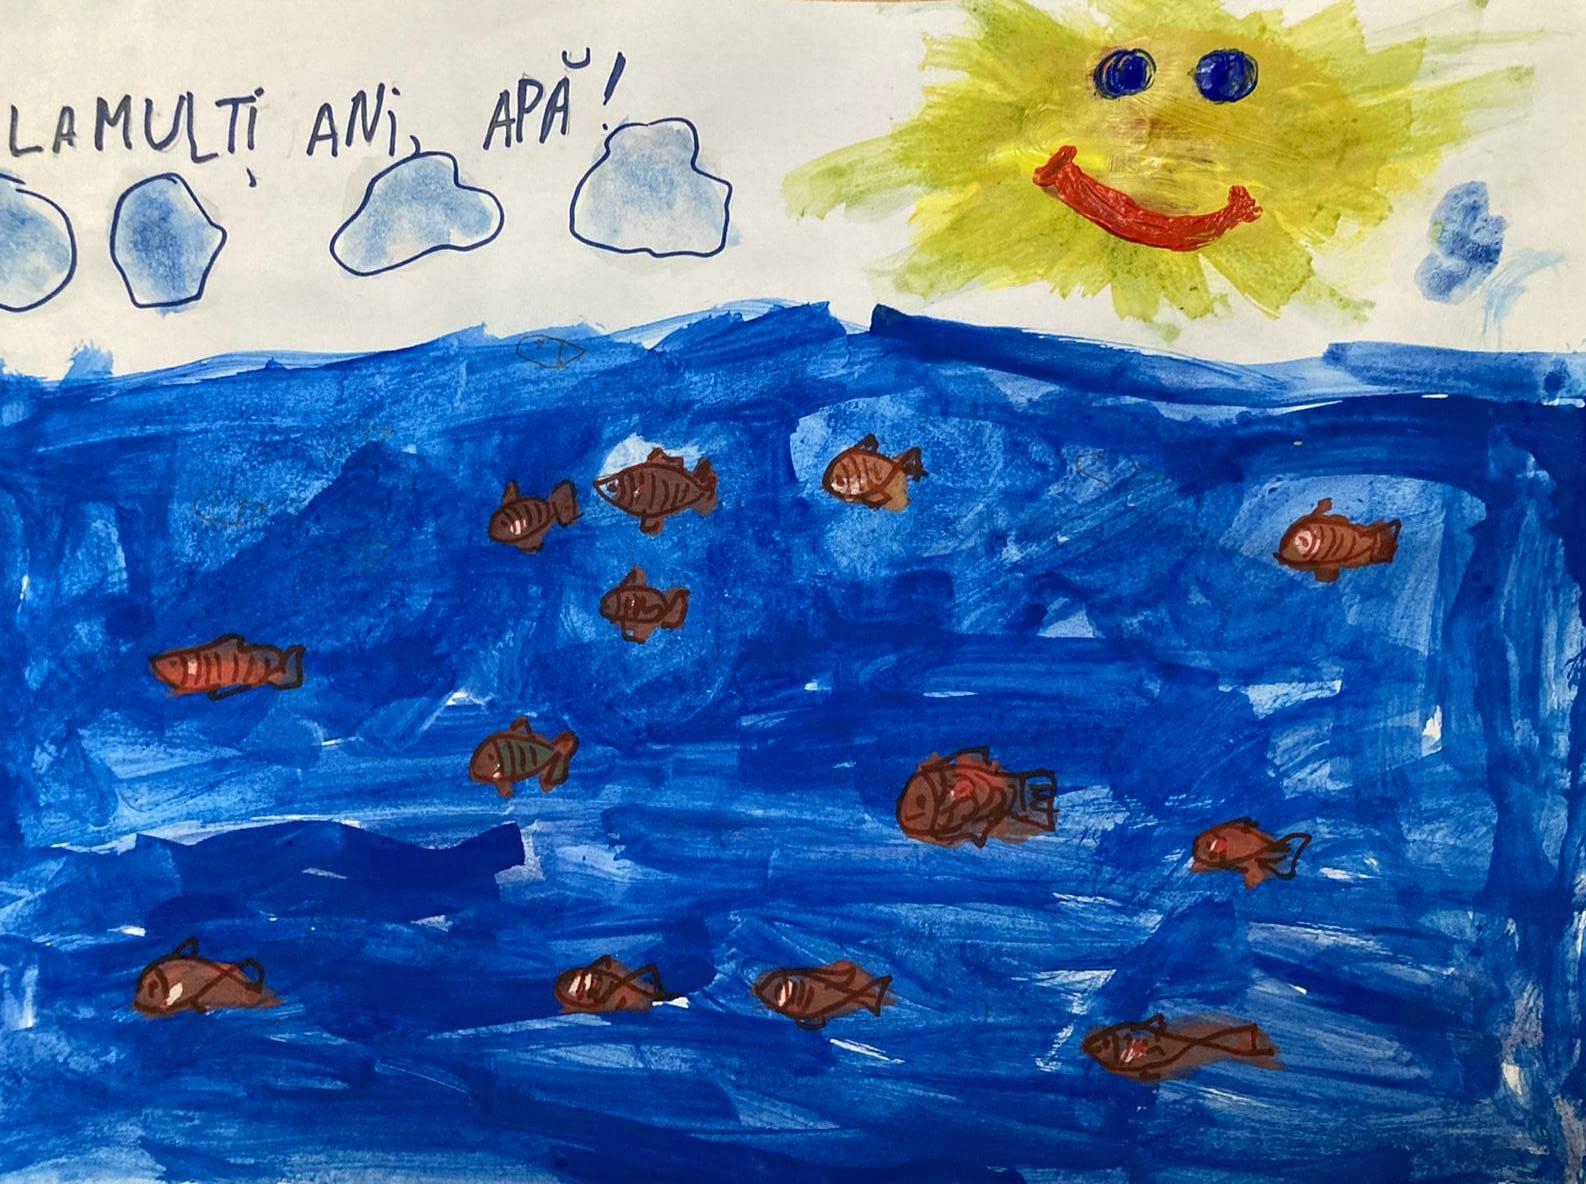 22 martie: Ziua Mondială a Apei. Ce înseamnă apa pentru fiecare dintre noi?